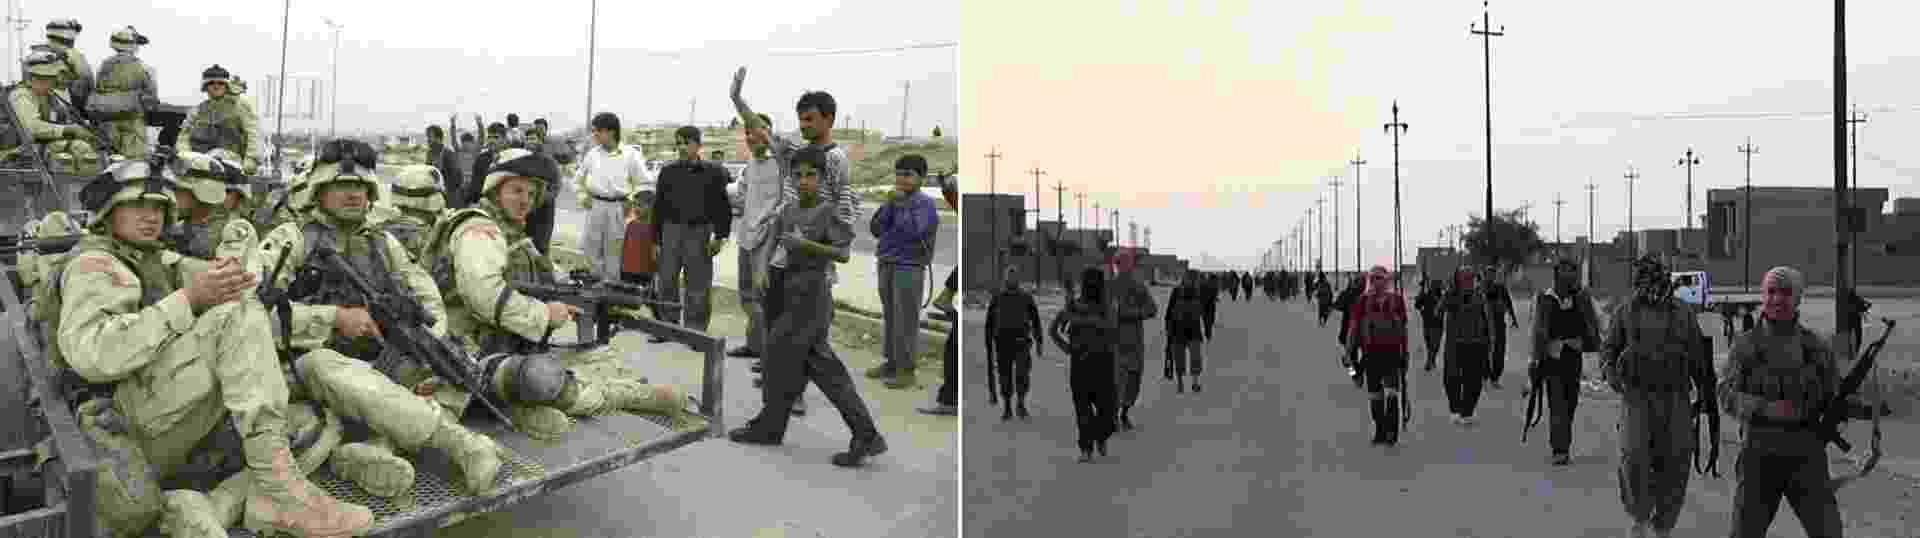 14.jun.2014 - Montagem mostra as semelhanças entre a invasão norte-americana à cidade de Mossul, no Iraque, em abril de 2003 (à esquerda), e a ocupação da cidade em junho de 2014 por forças rebeldes (à direita). O Iraque vive uma das piores ondas de violência desde a invasão americana ao país, em 2003. Tropas rebeldes avançam pelo país e se aproximam de Bagdá 11 anos depois de o país ter sido ocupado pelos Estados Unidos - Joseph Barrack, Ho, e Welayat Salauddin/AFP